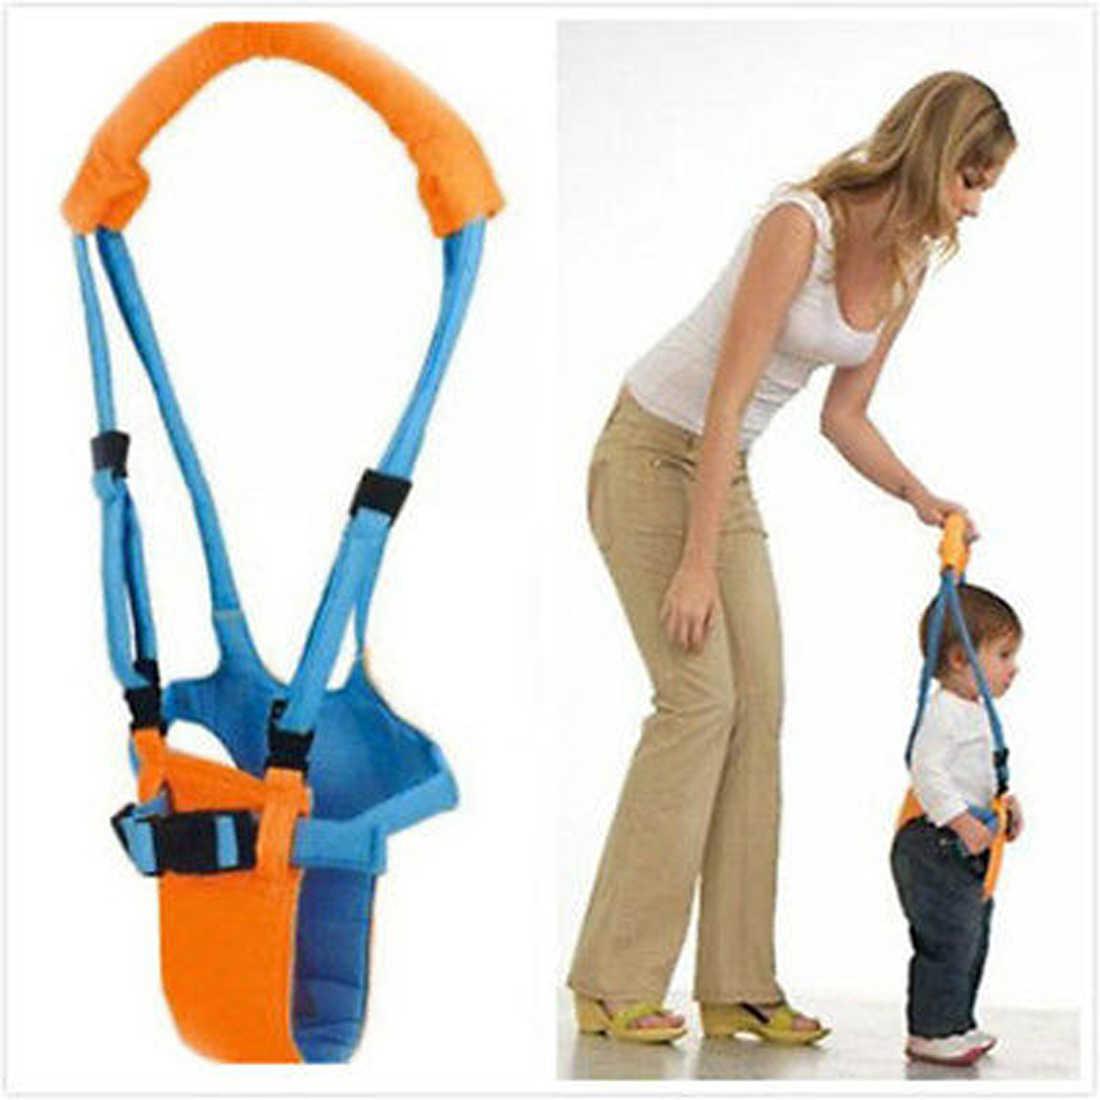 ילד תינוק תינוקות לפעוטות רתמו Walk למידה עוזר ווקר חגורת רצועת מגשר